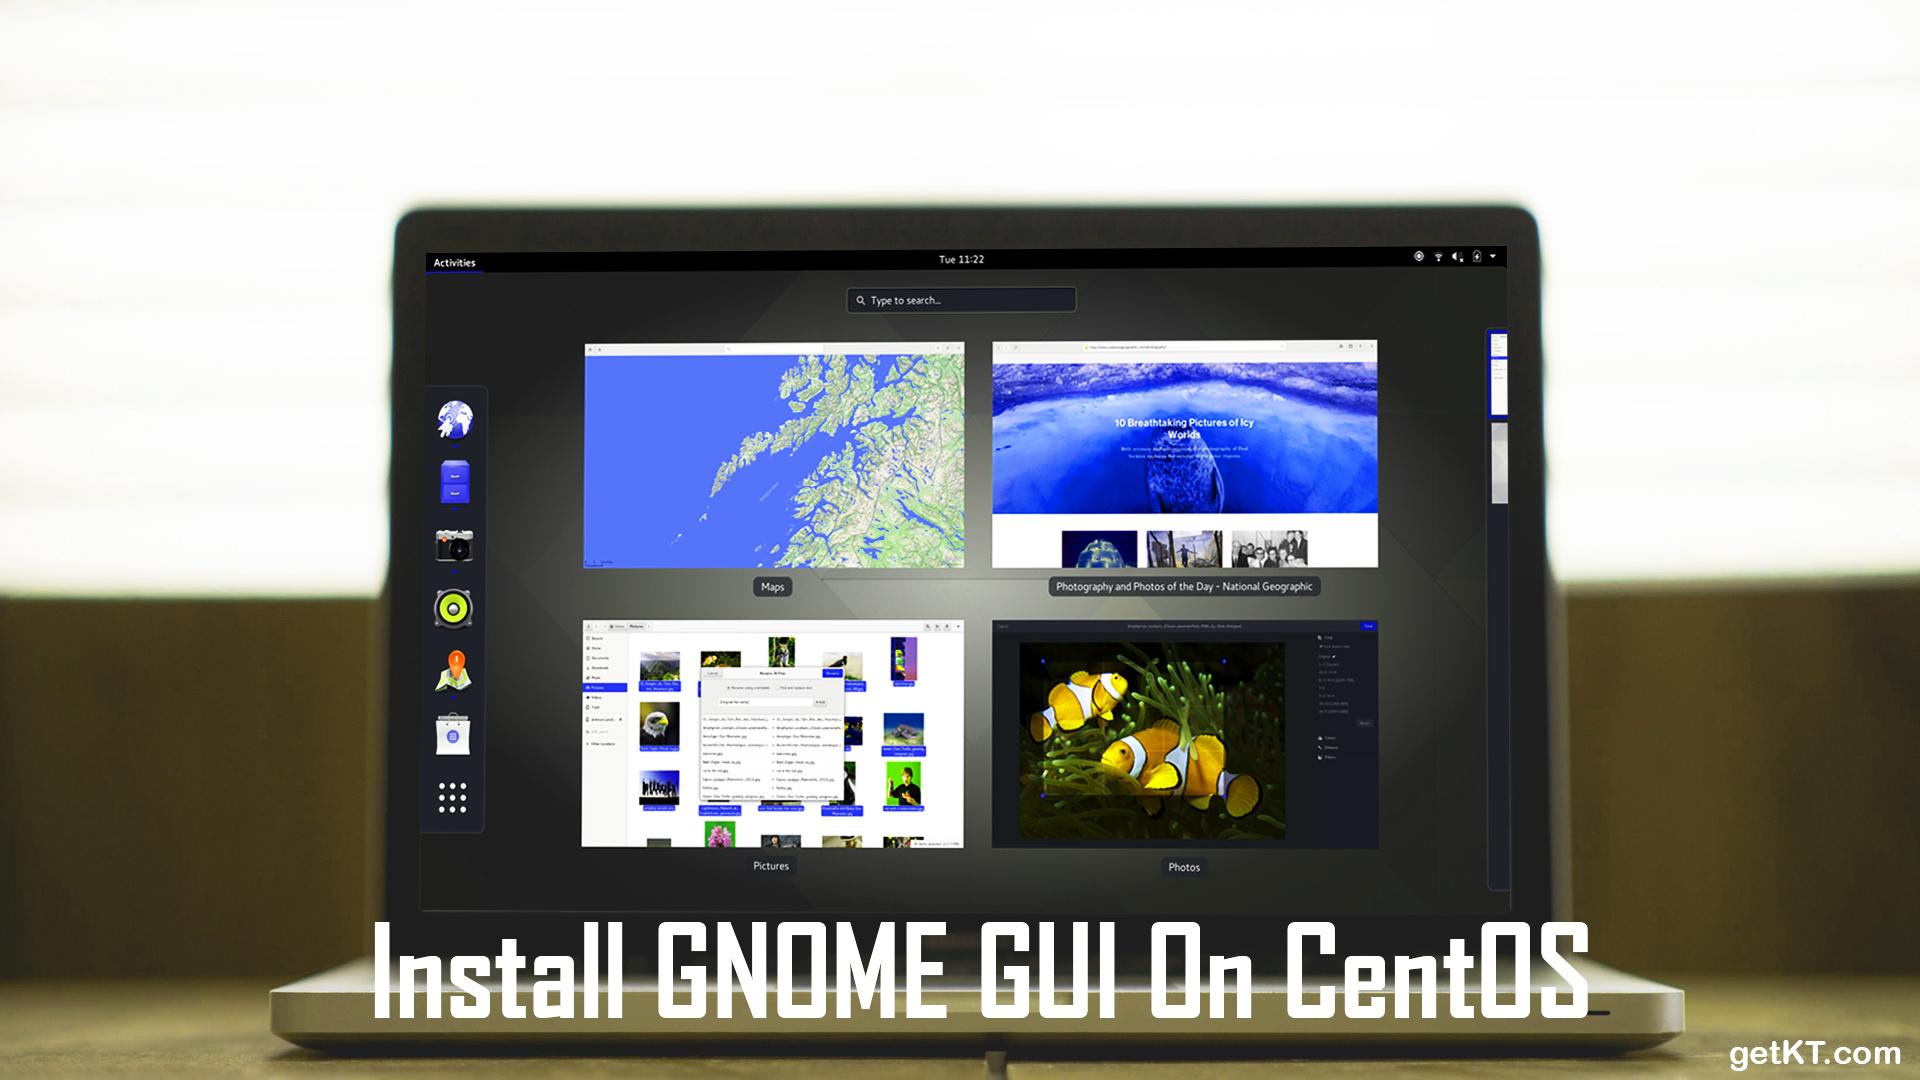 Install GNOME GUI On CentOS